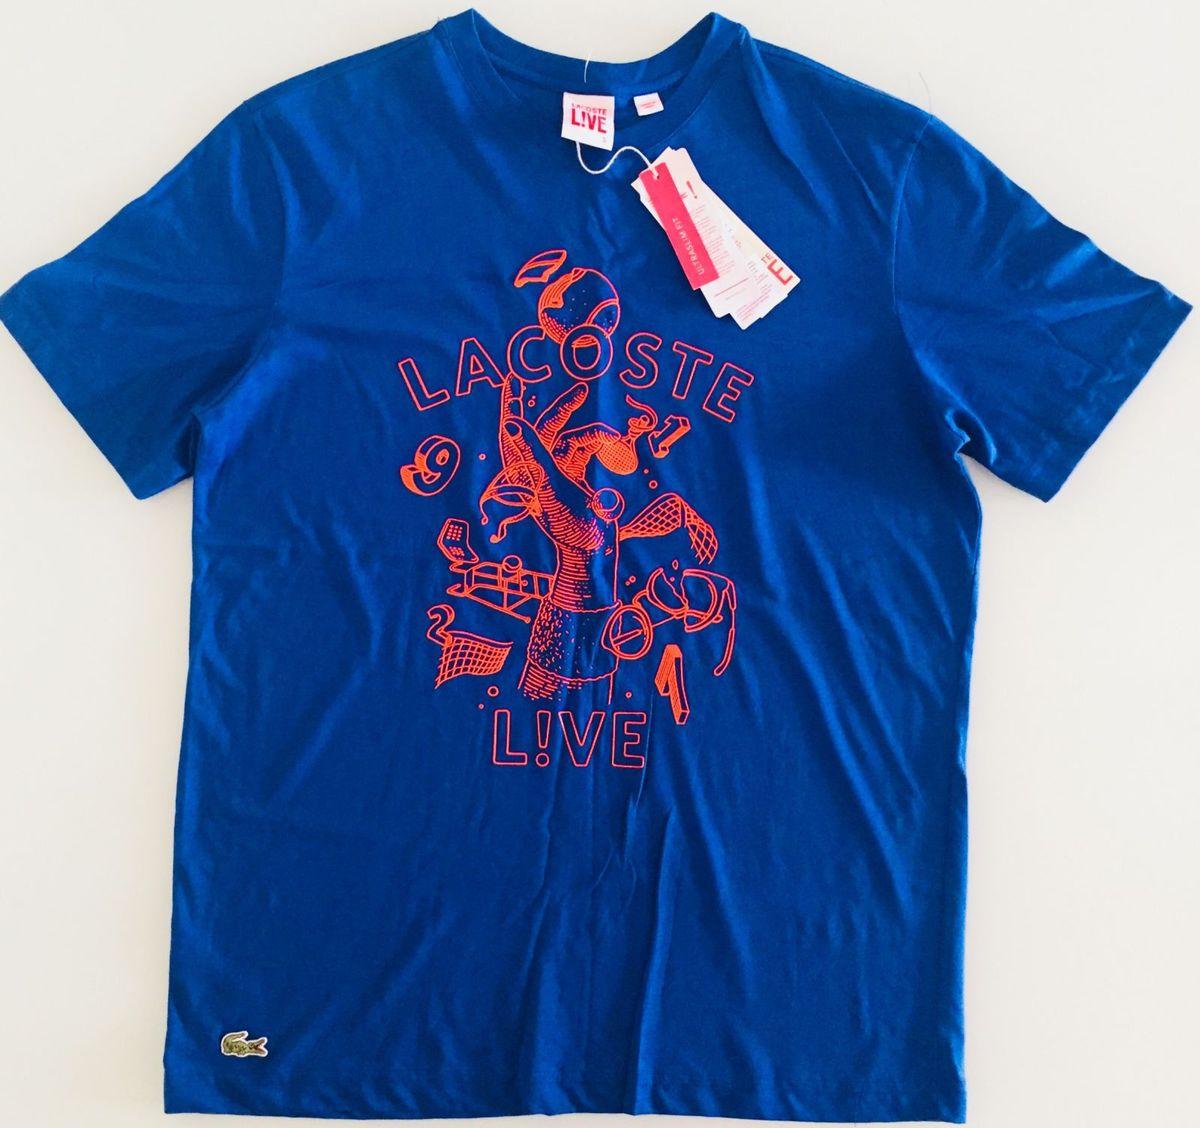 5c5bfcca0913f Camisa Lacoste Live Original Masculina Tam M Azul   Camisa Masculina ...